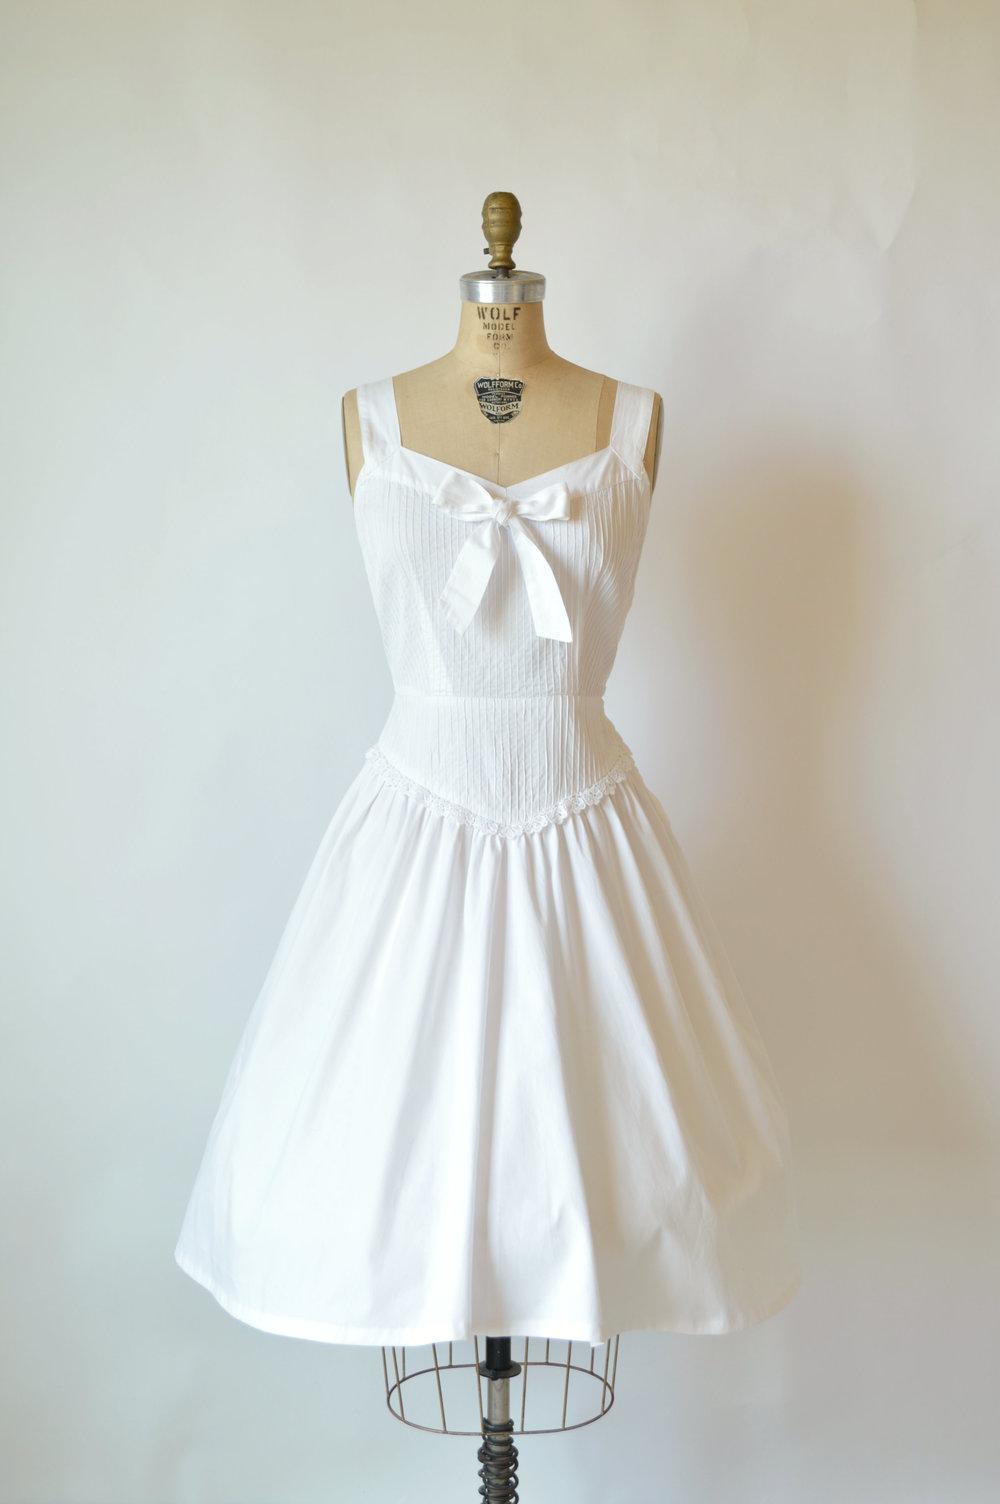 Shop vintage wedding dresses vintage clothing store for Vintage wedding dresses online shop